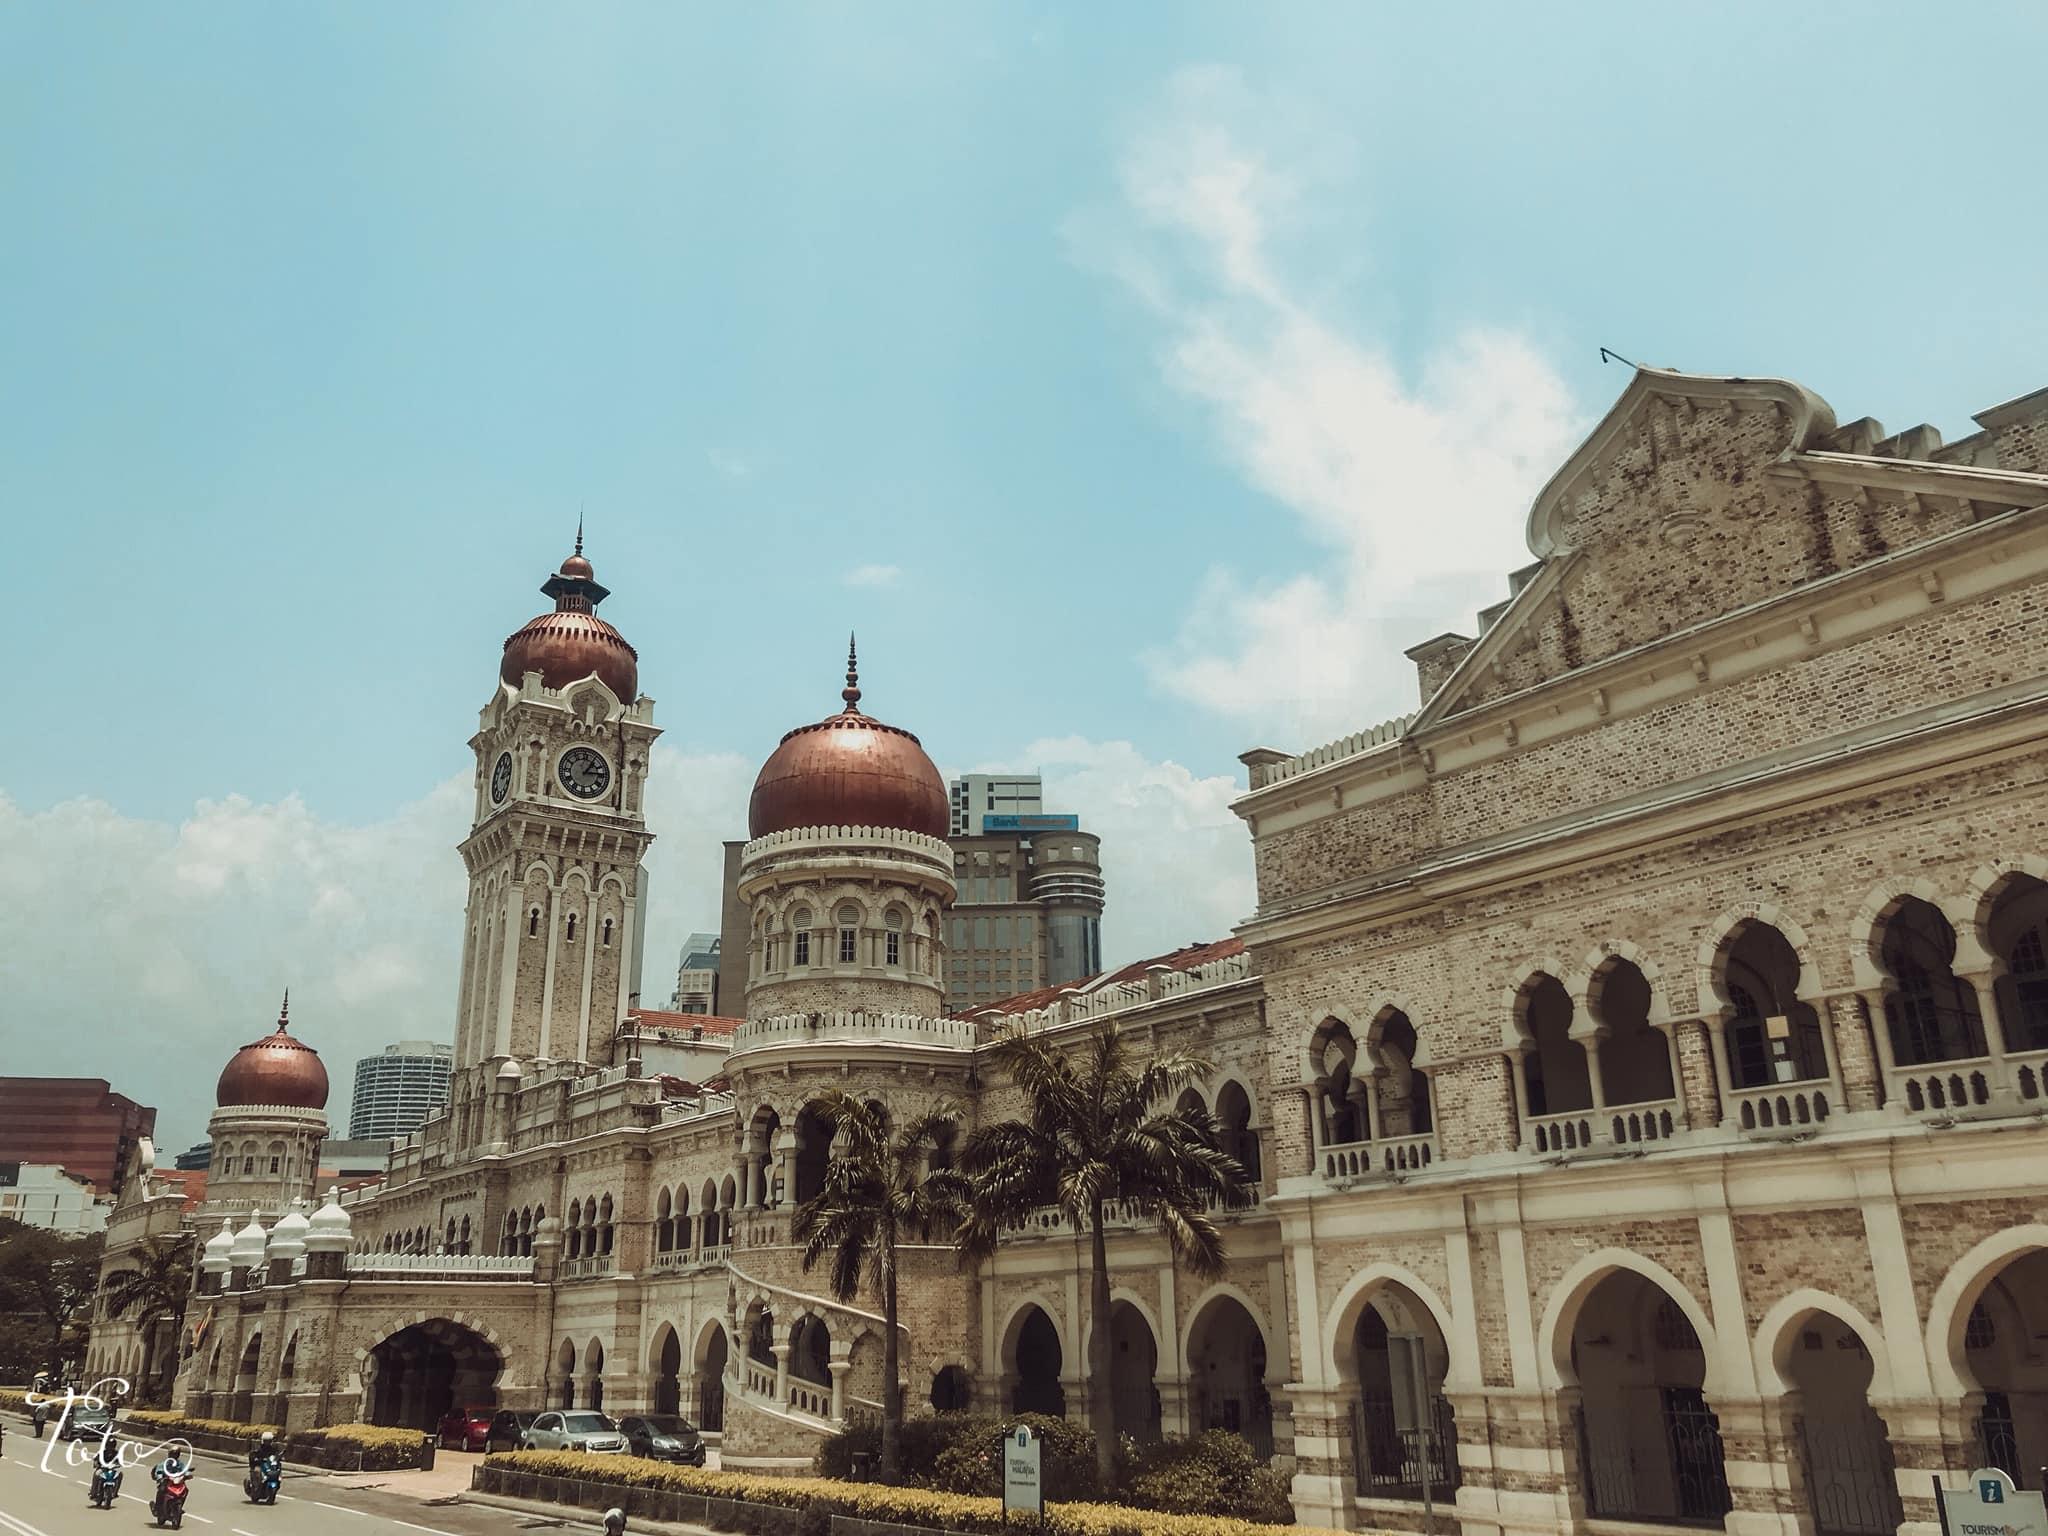 tòa nhà hồi giáo tại quảng trường merdeka